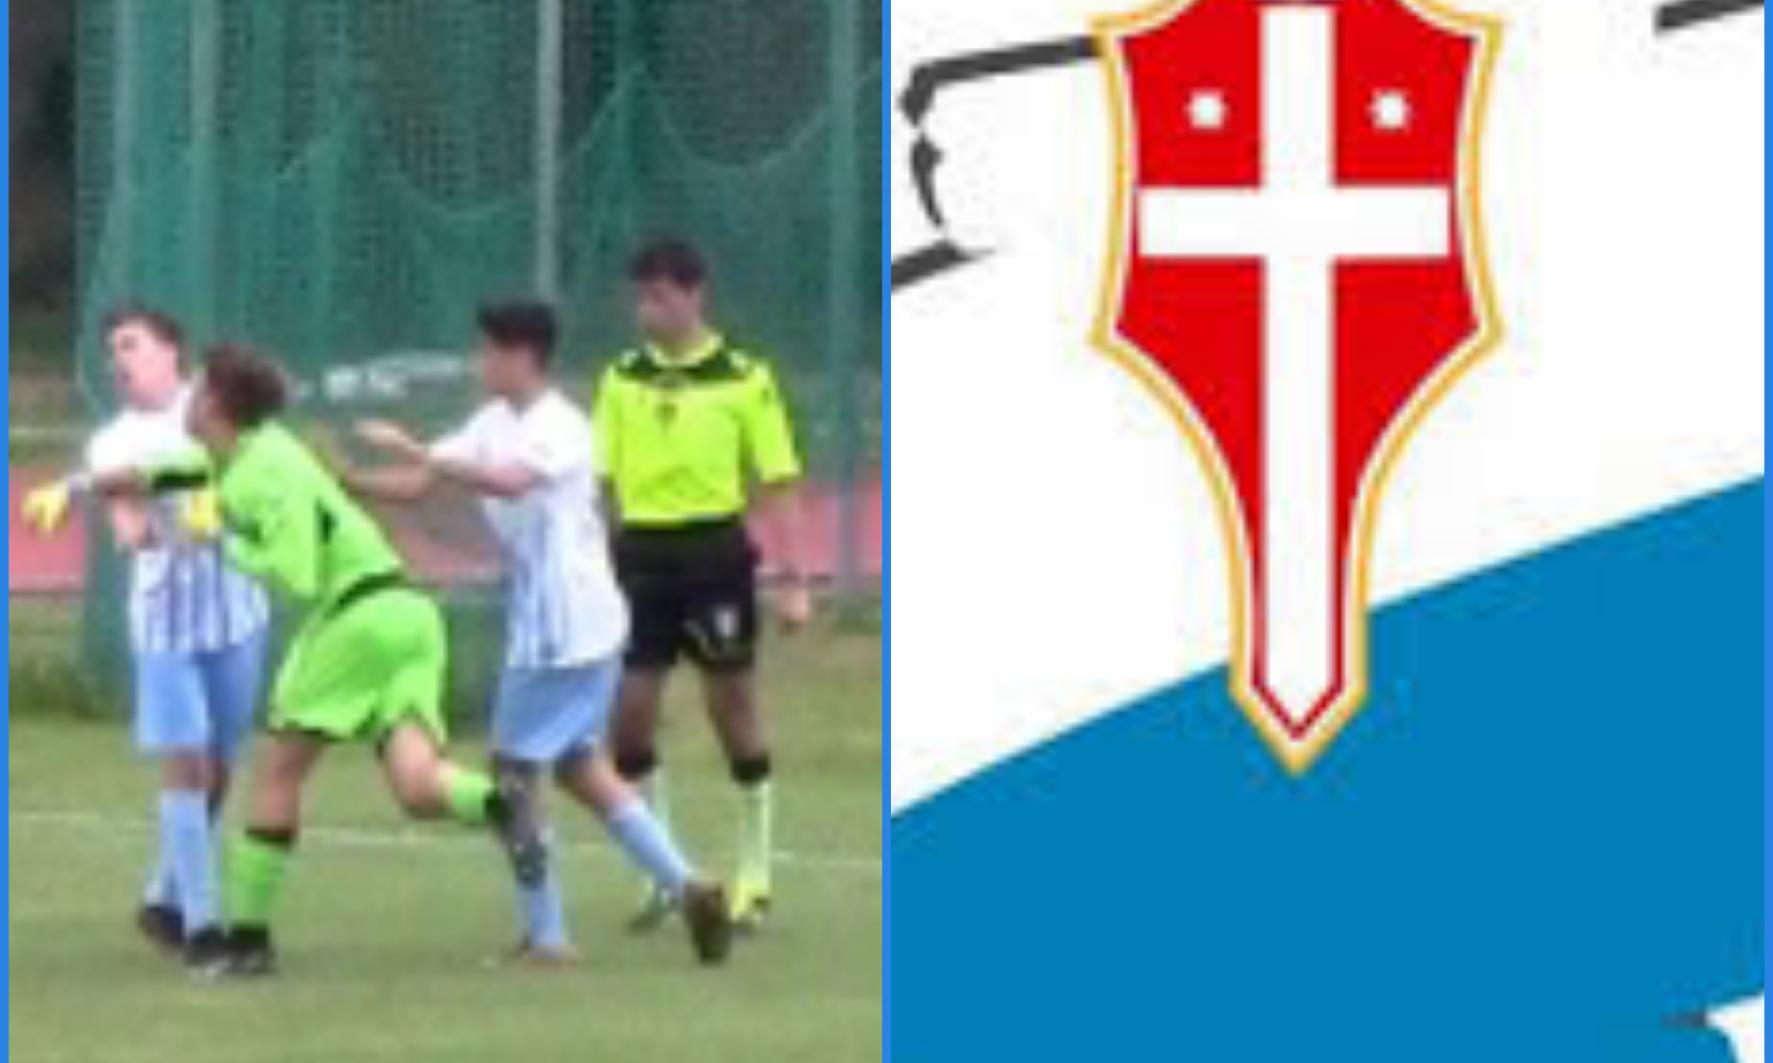 Calcio-shock: a Treviso follia e panico!